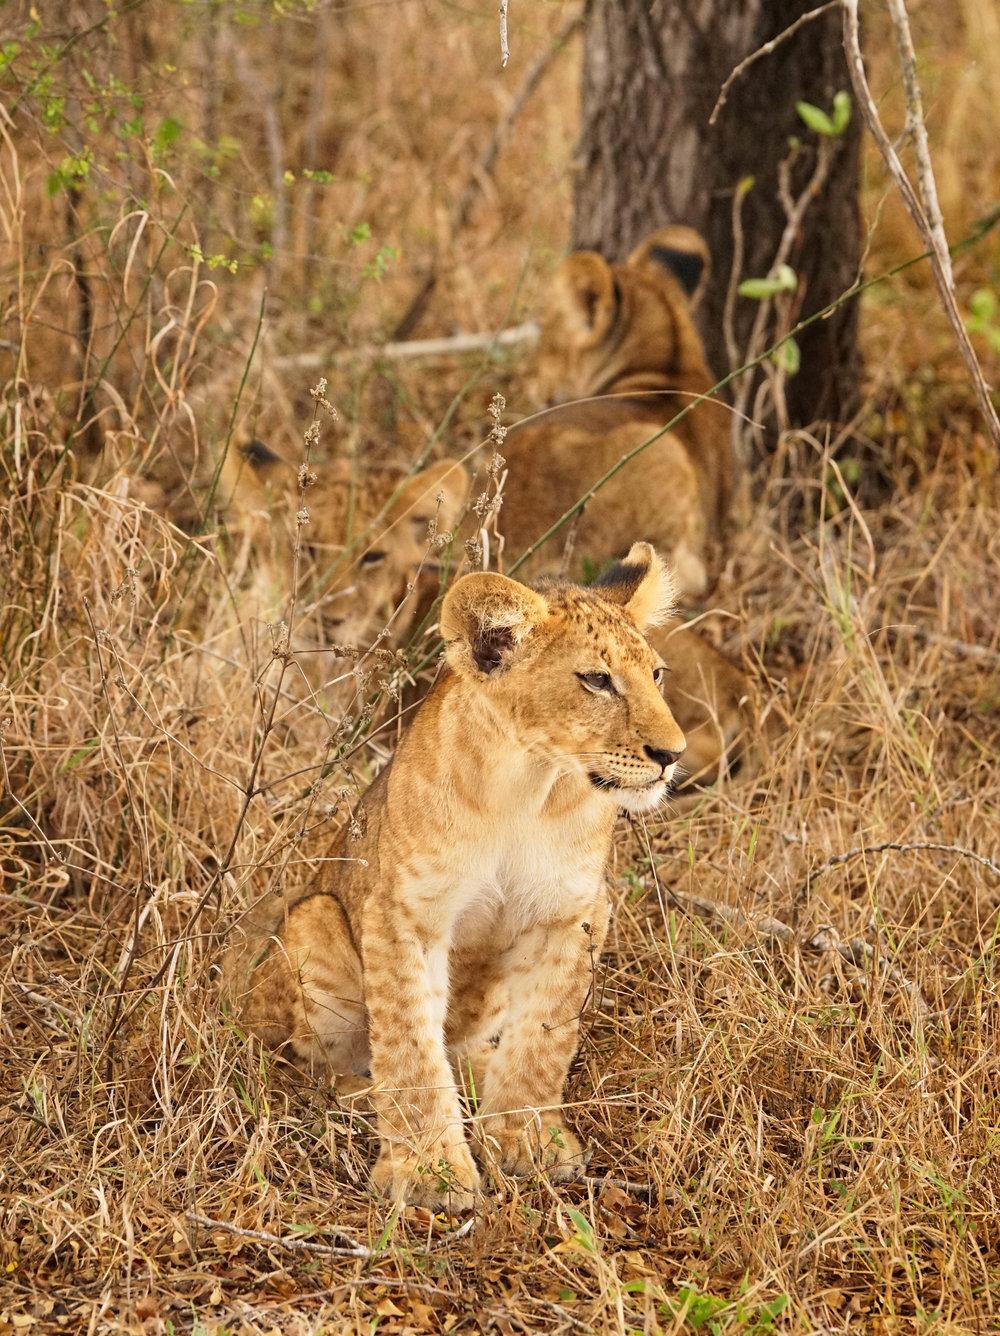 Tanzania18MG-4705-Edit.jpg